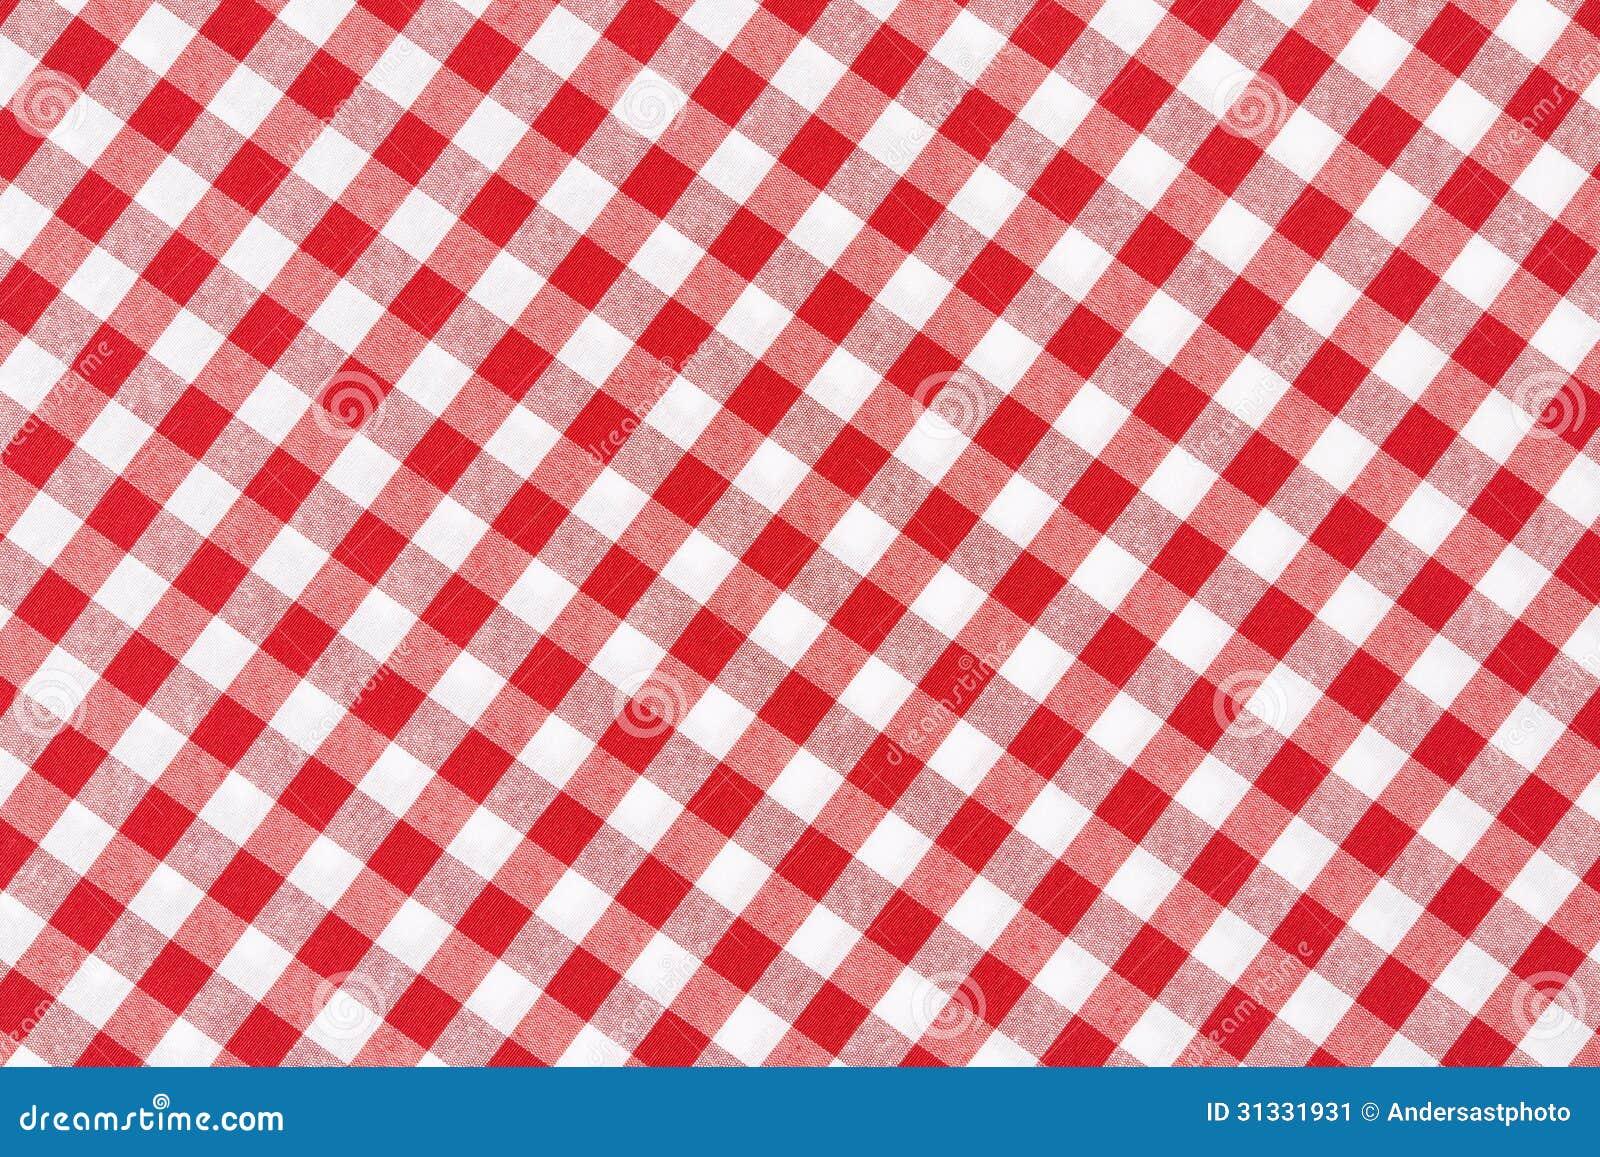 nappe rouge et blanche image stock image du propre diagonal 31331931. Black Bedroom Furniture Sets. Home Design Ideas